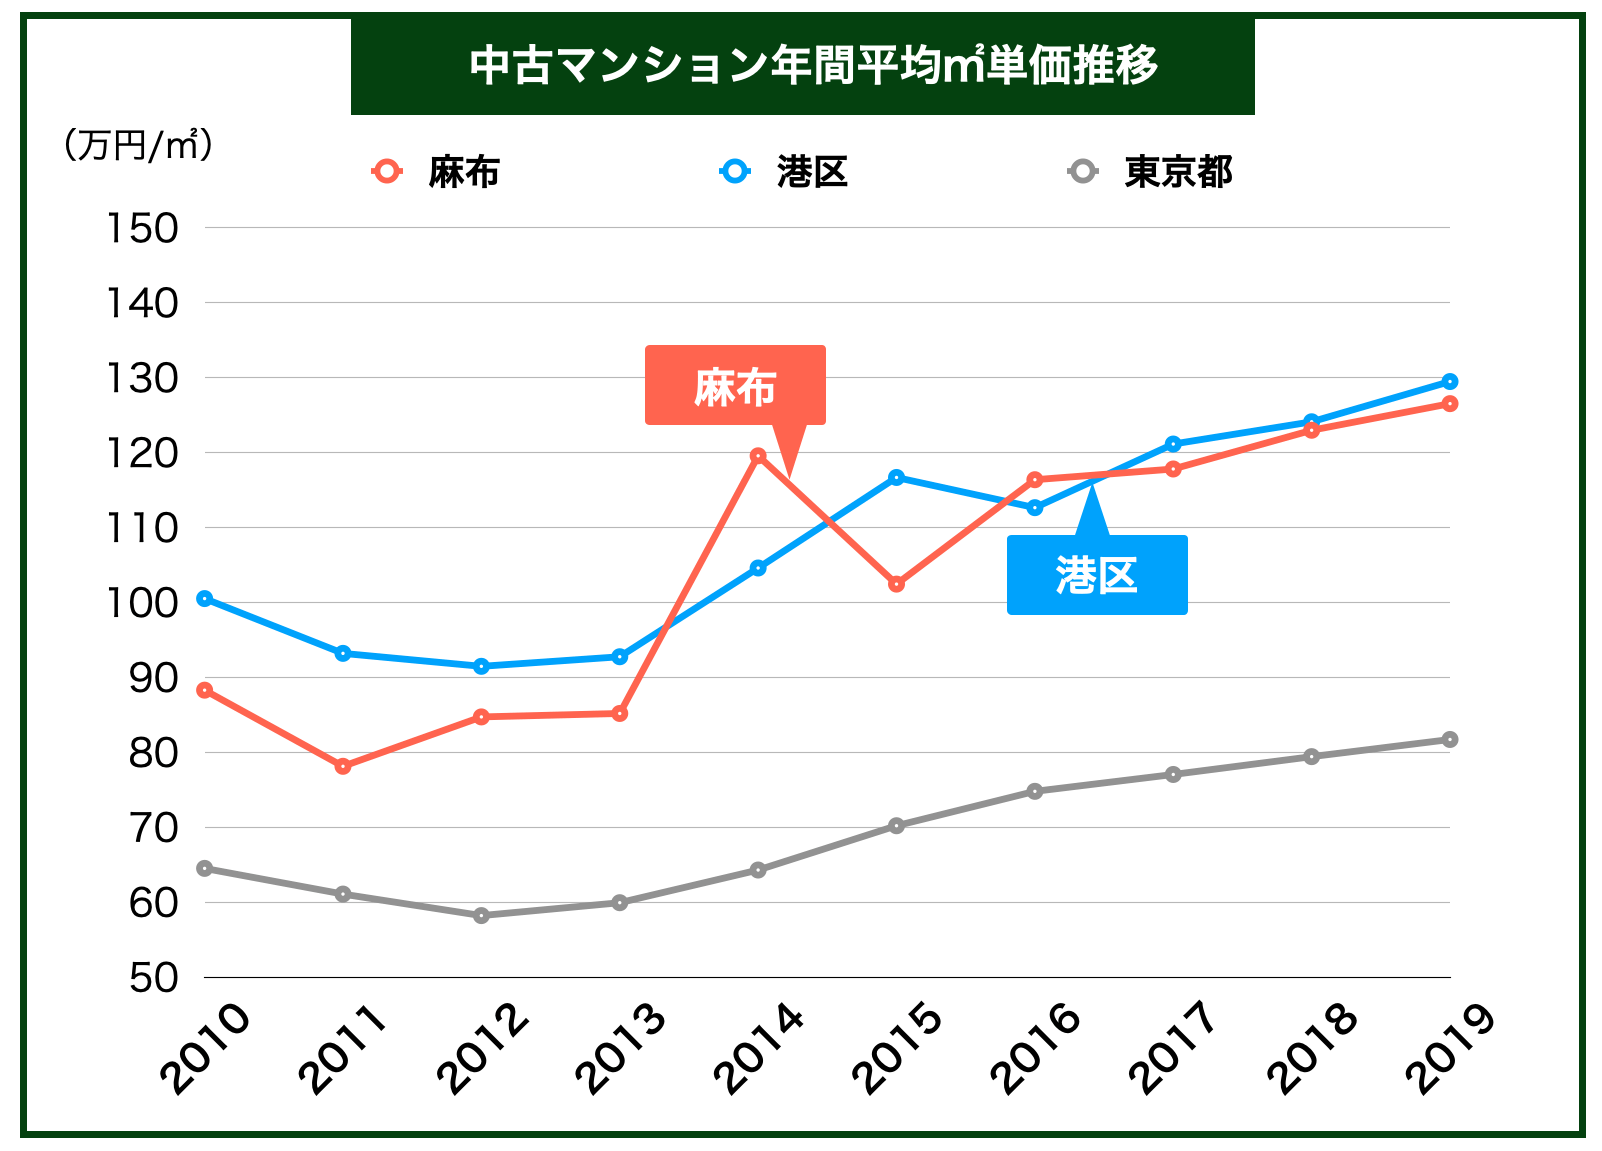 麻布「中古マンション平均㎡単価推移」